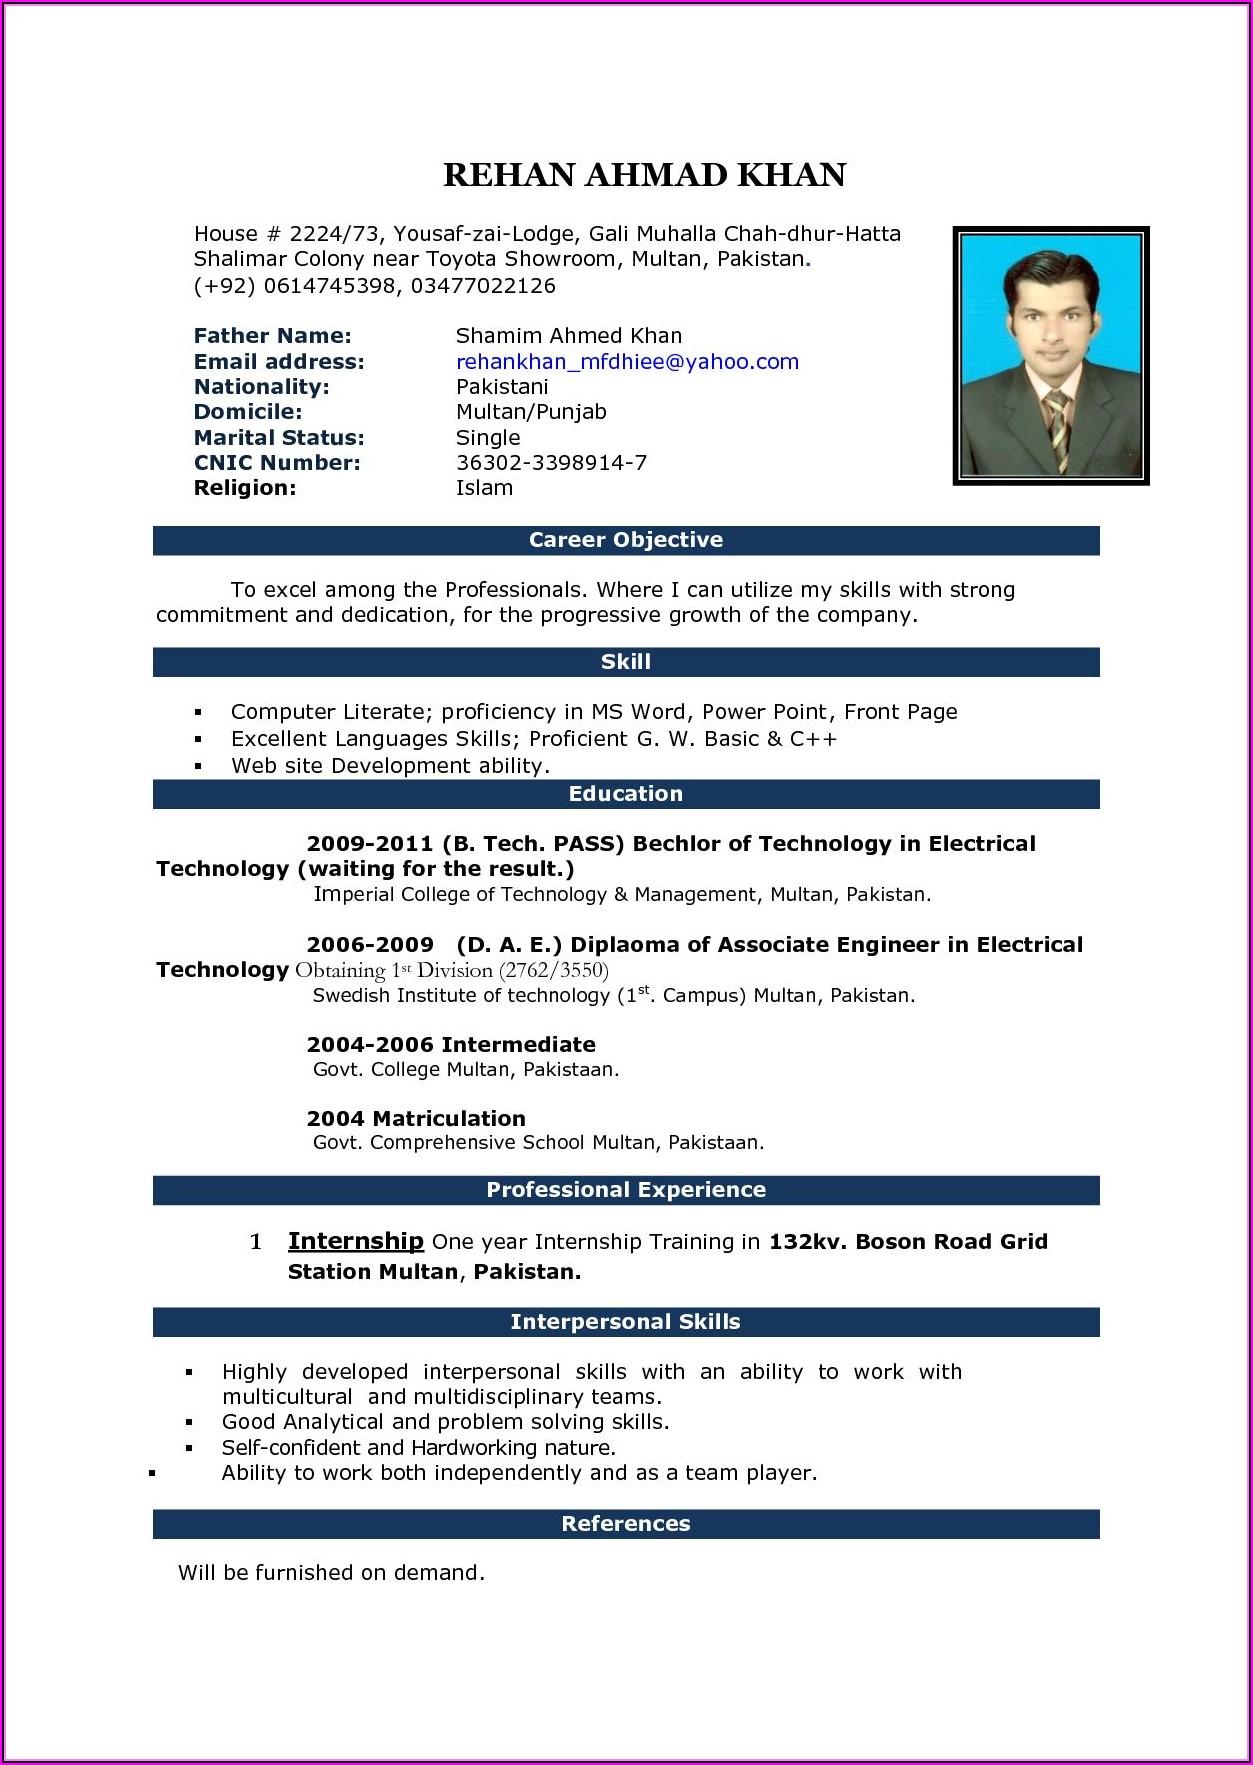 Ms Office Resume Maker